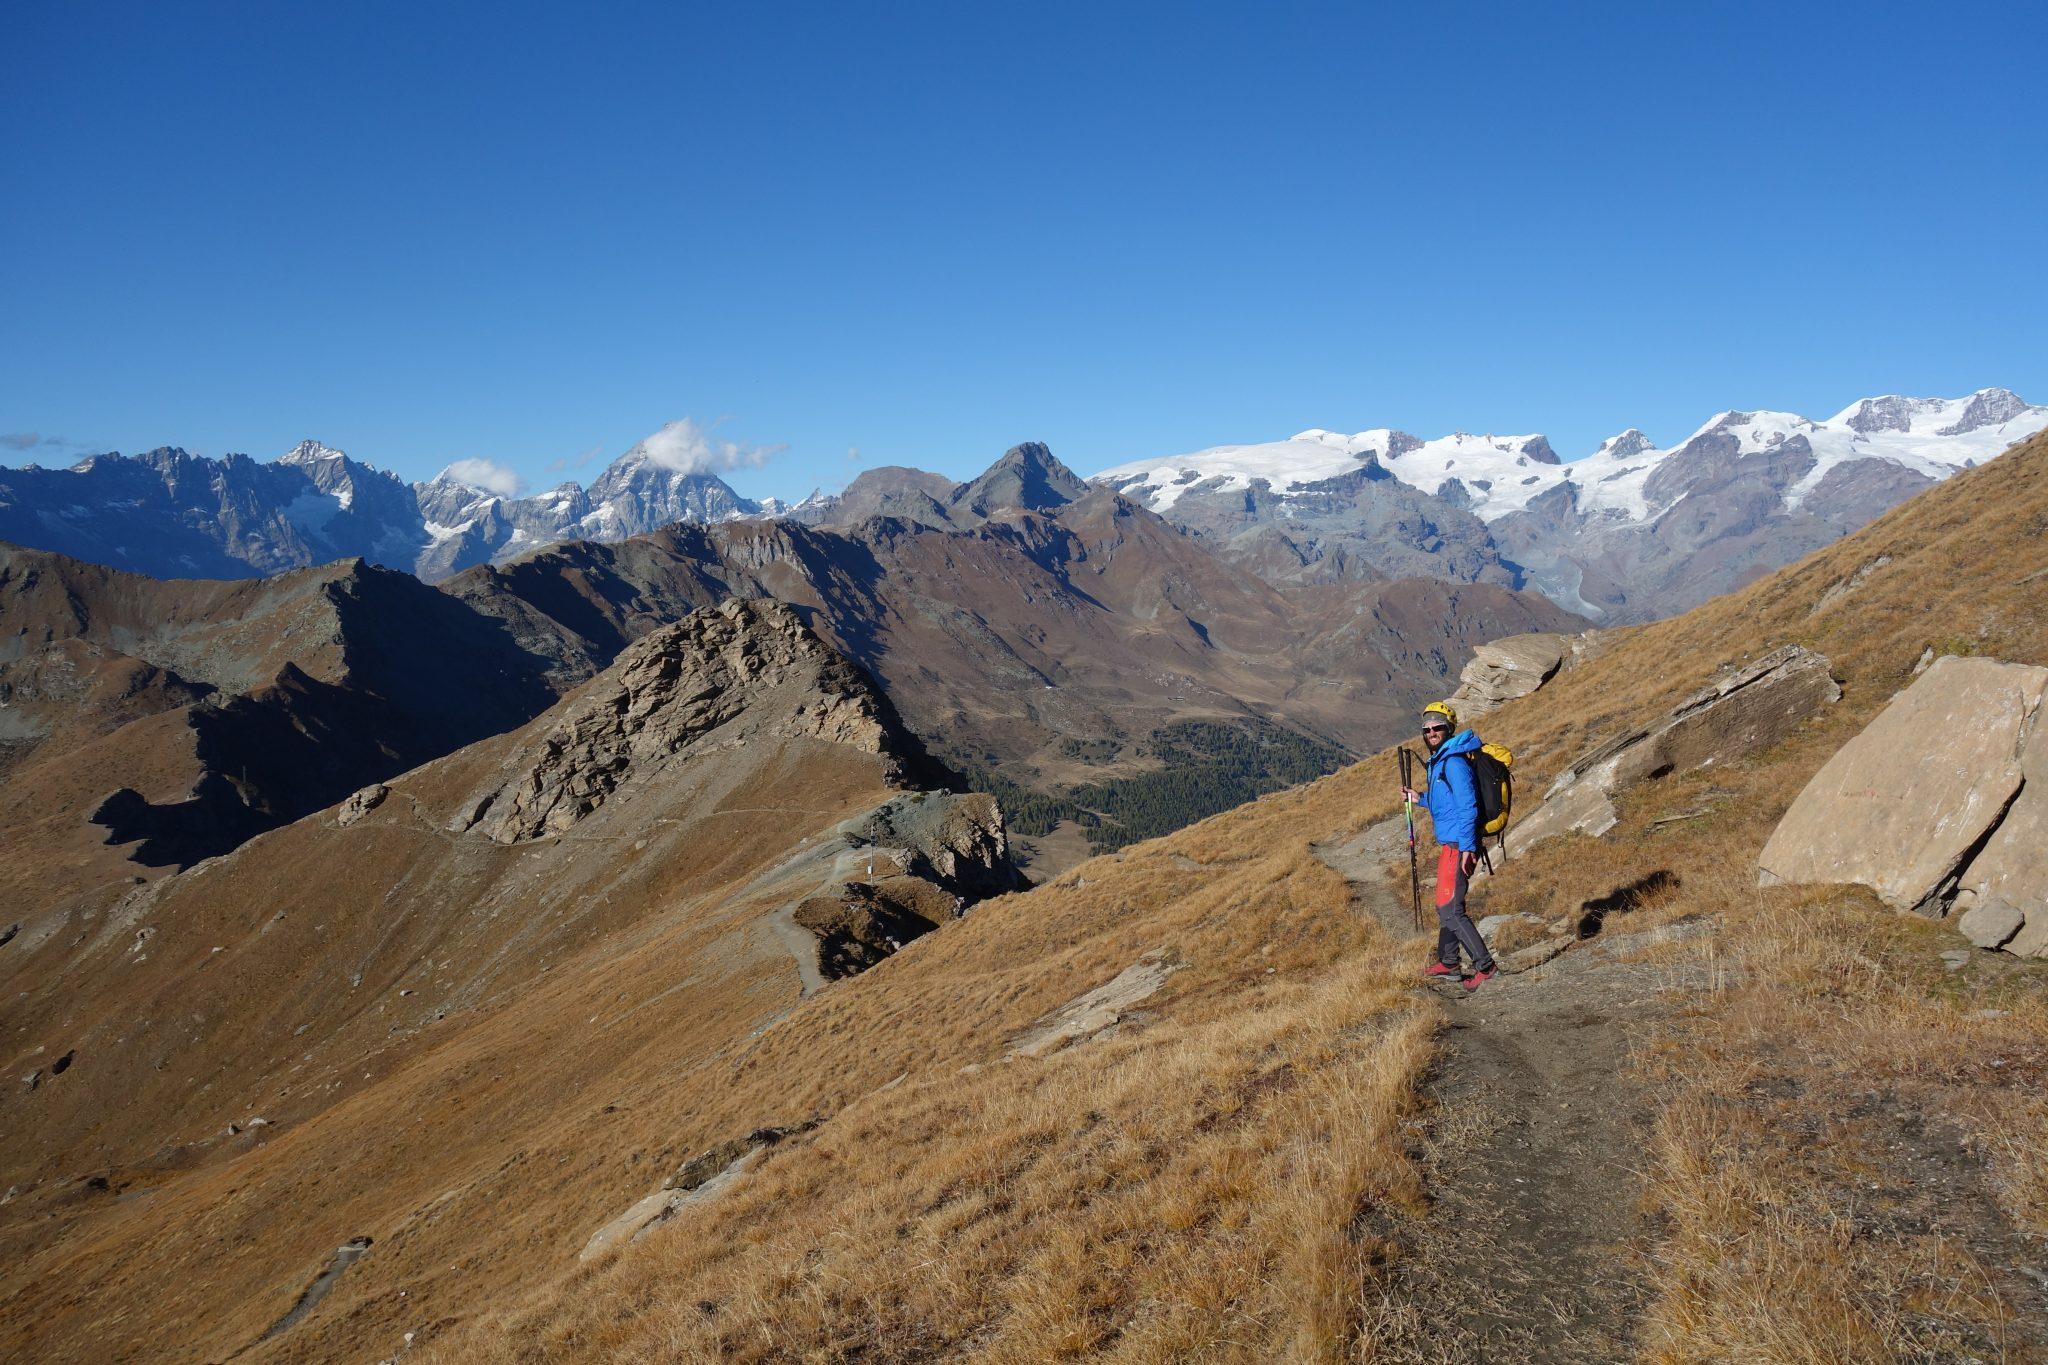 Sulla cima del Corno Maria, nel gruppo del Monte Rosa